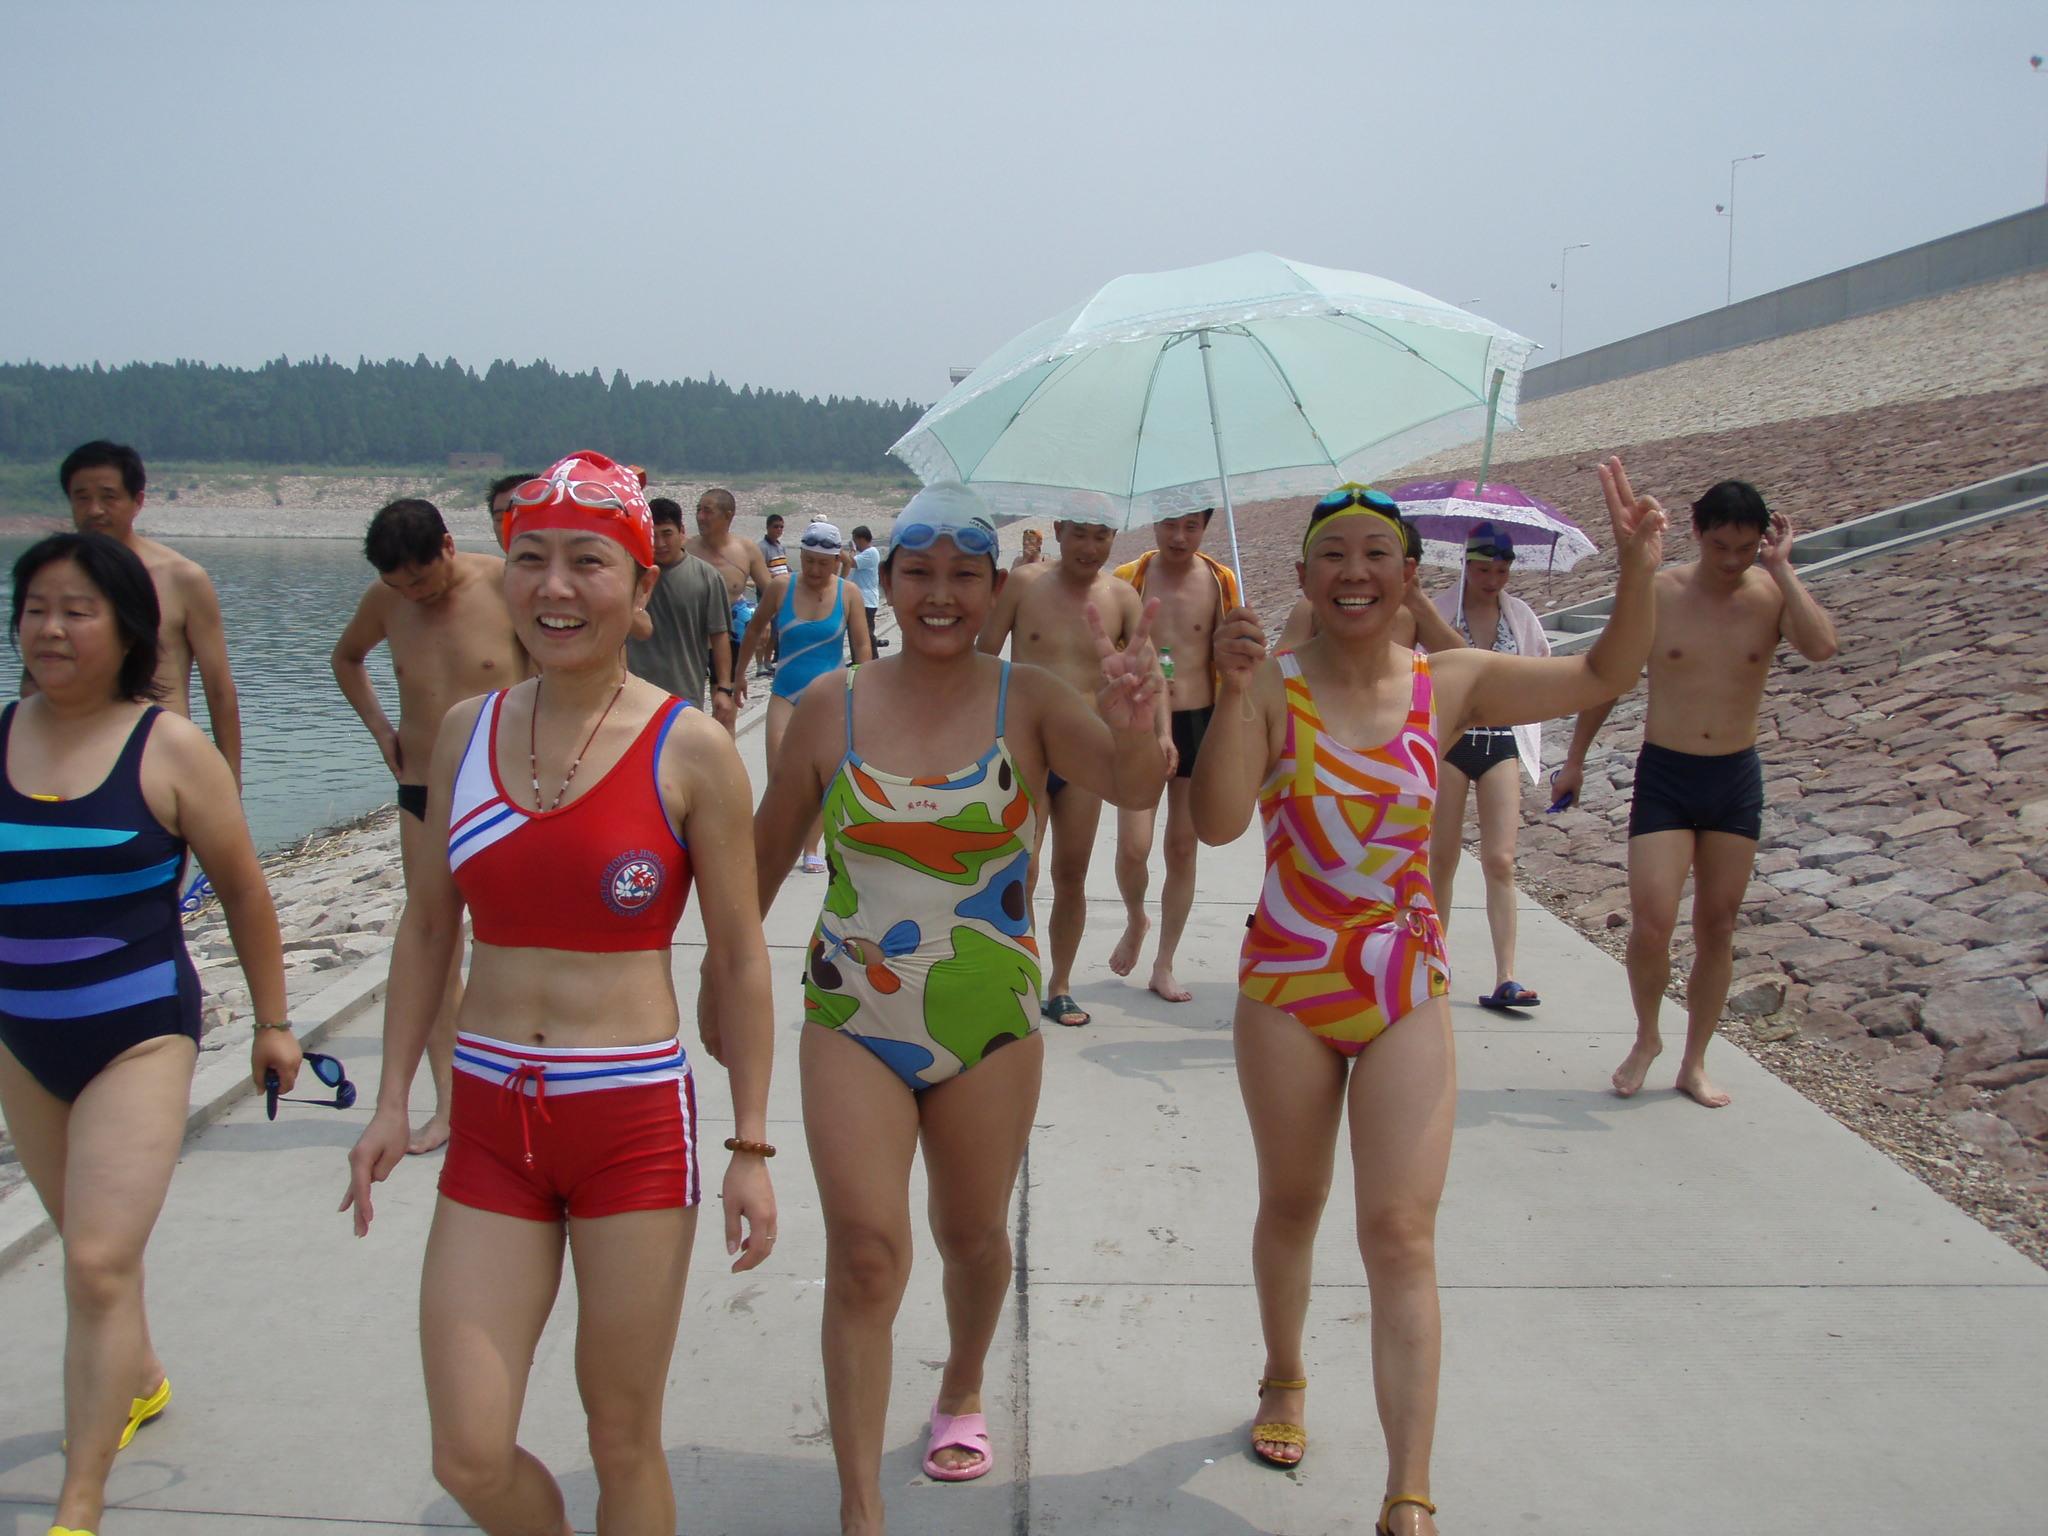 69 河南省 69 河南冬泳联盟 69 (原创)周口冬协联盟聚会图片